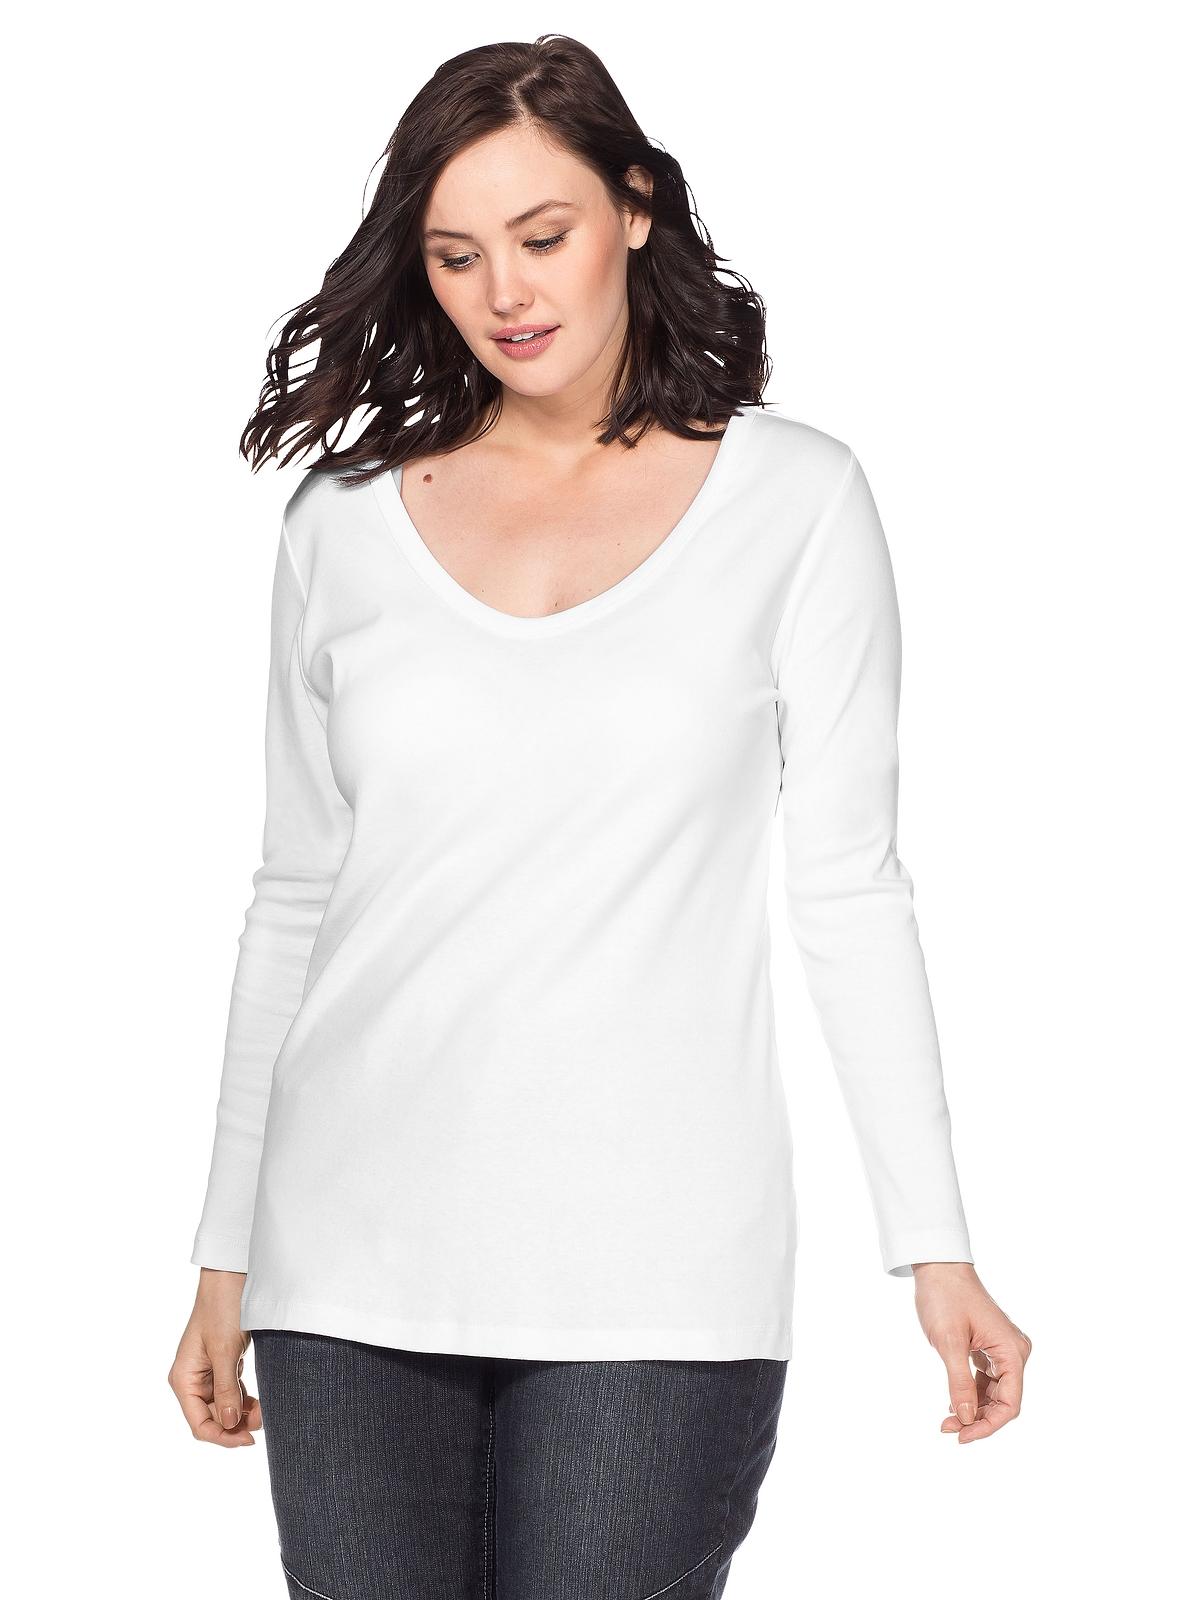 Sheego Langarmshirt in weiß günstig kaufen